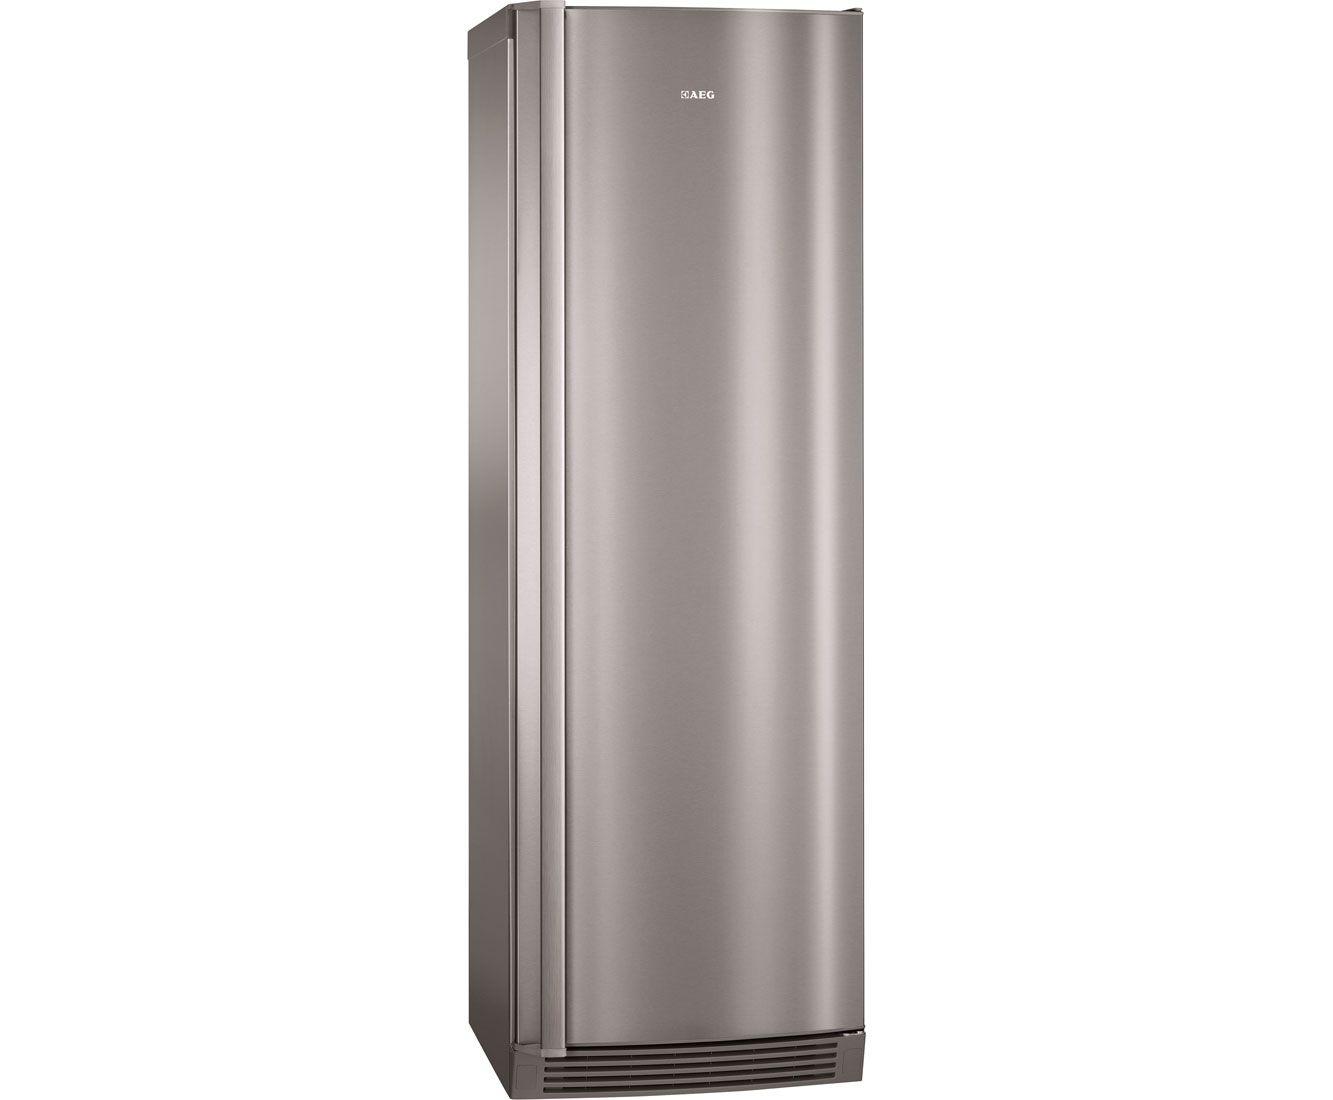 Bomann Kühlschrank Vs 3174 : Kühlschrank neu kühlschrank cm breit einzigartig neu